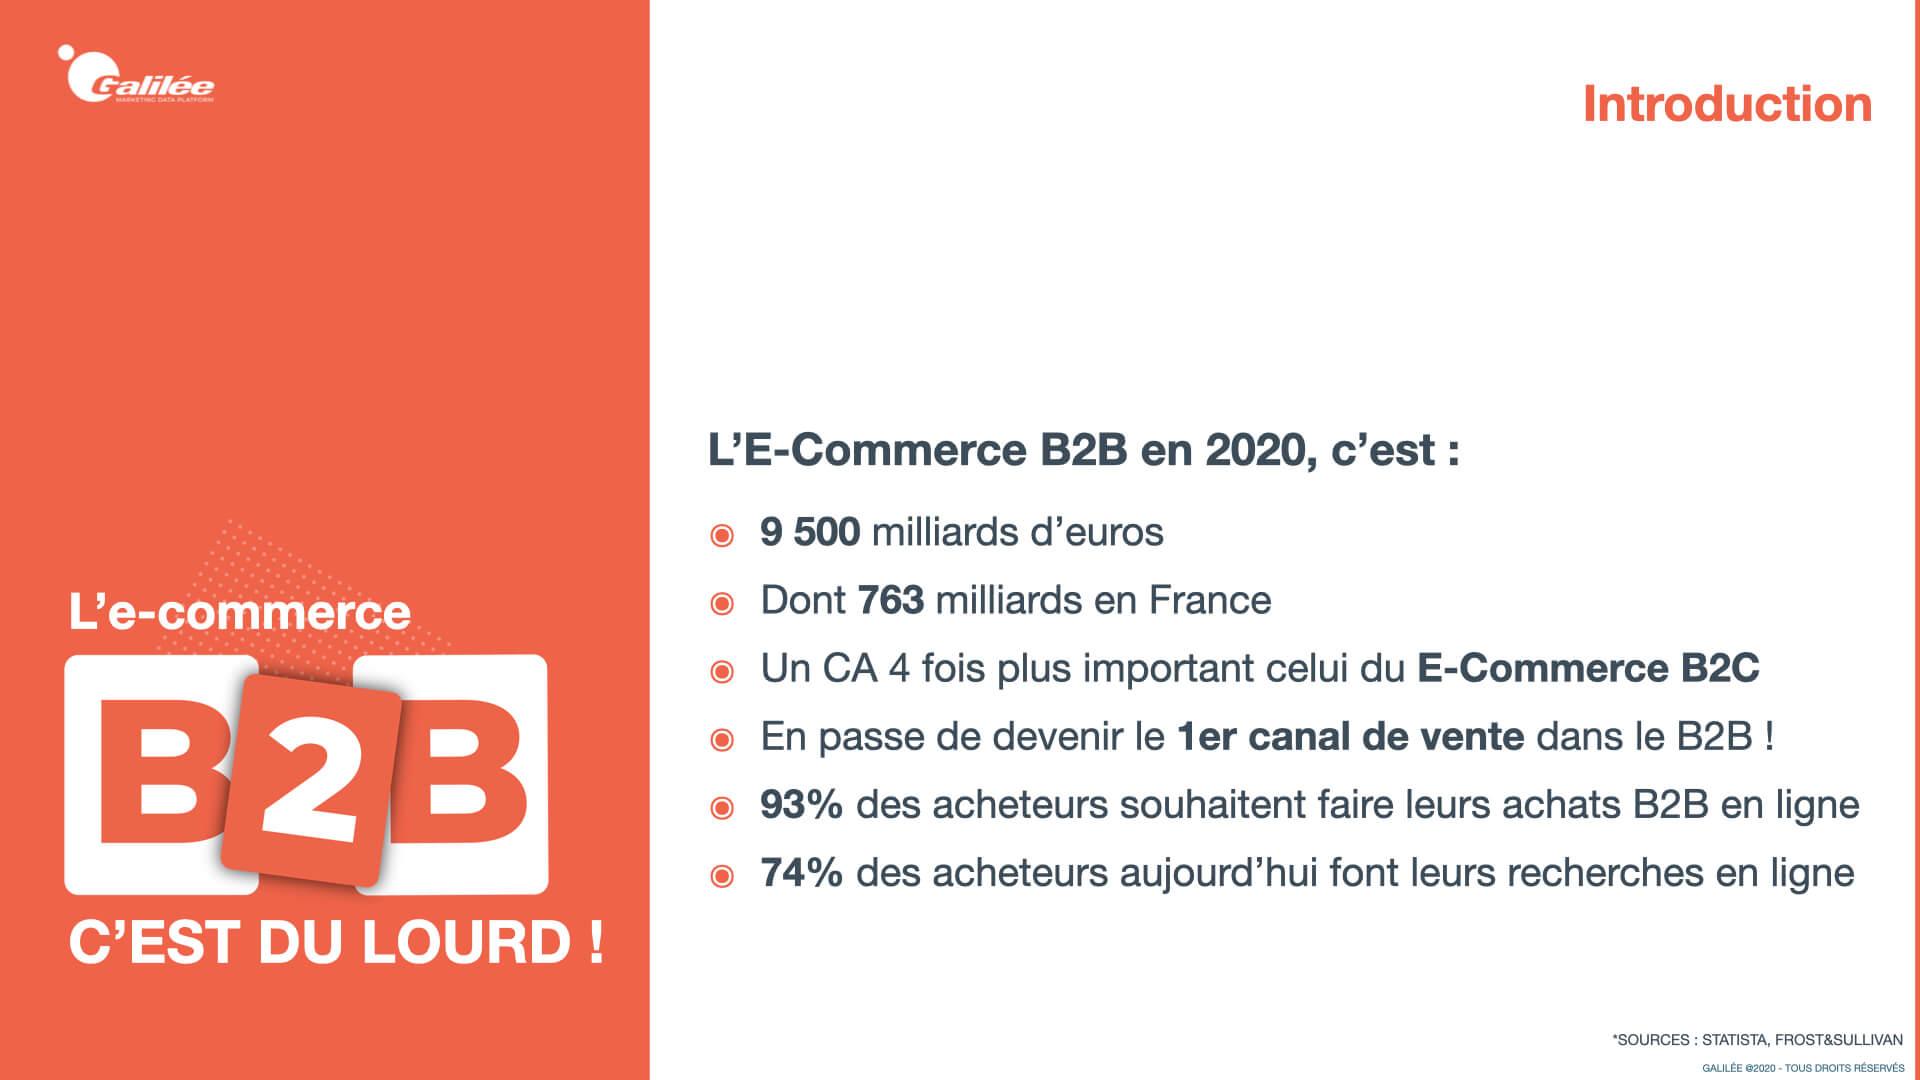 L'E-Commerce B2B en chiffres